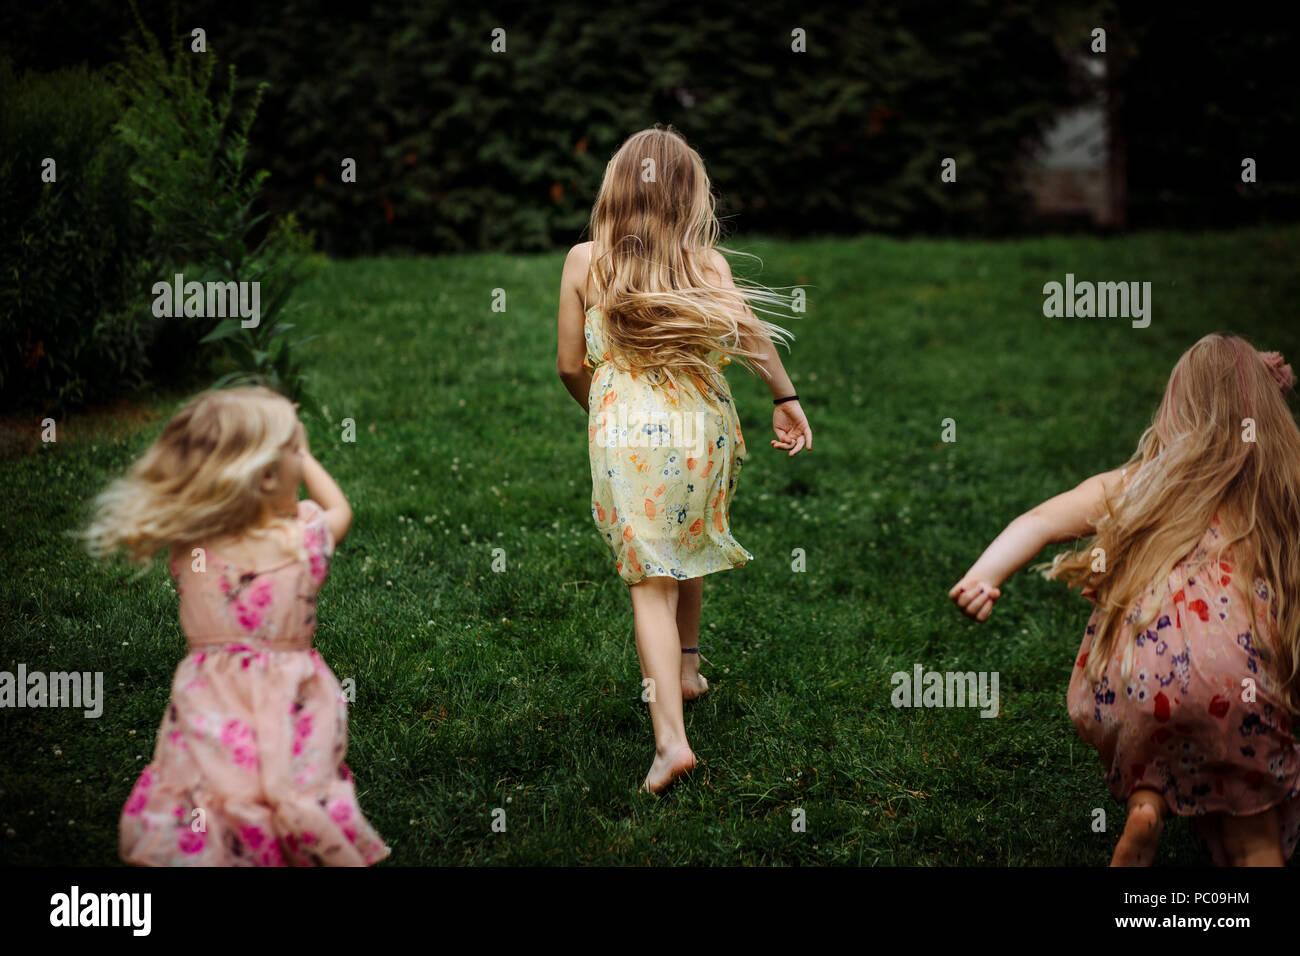 Das Aussehen der drei kleinen Mädchen in einem Kleid im Park läuft gekleidet Stockbild